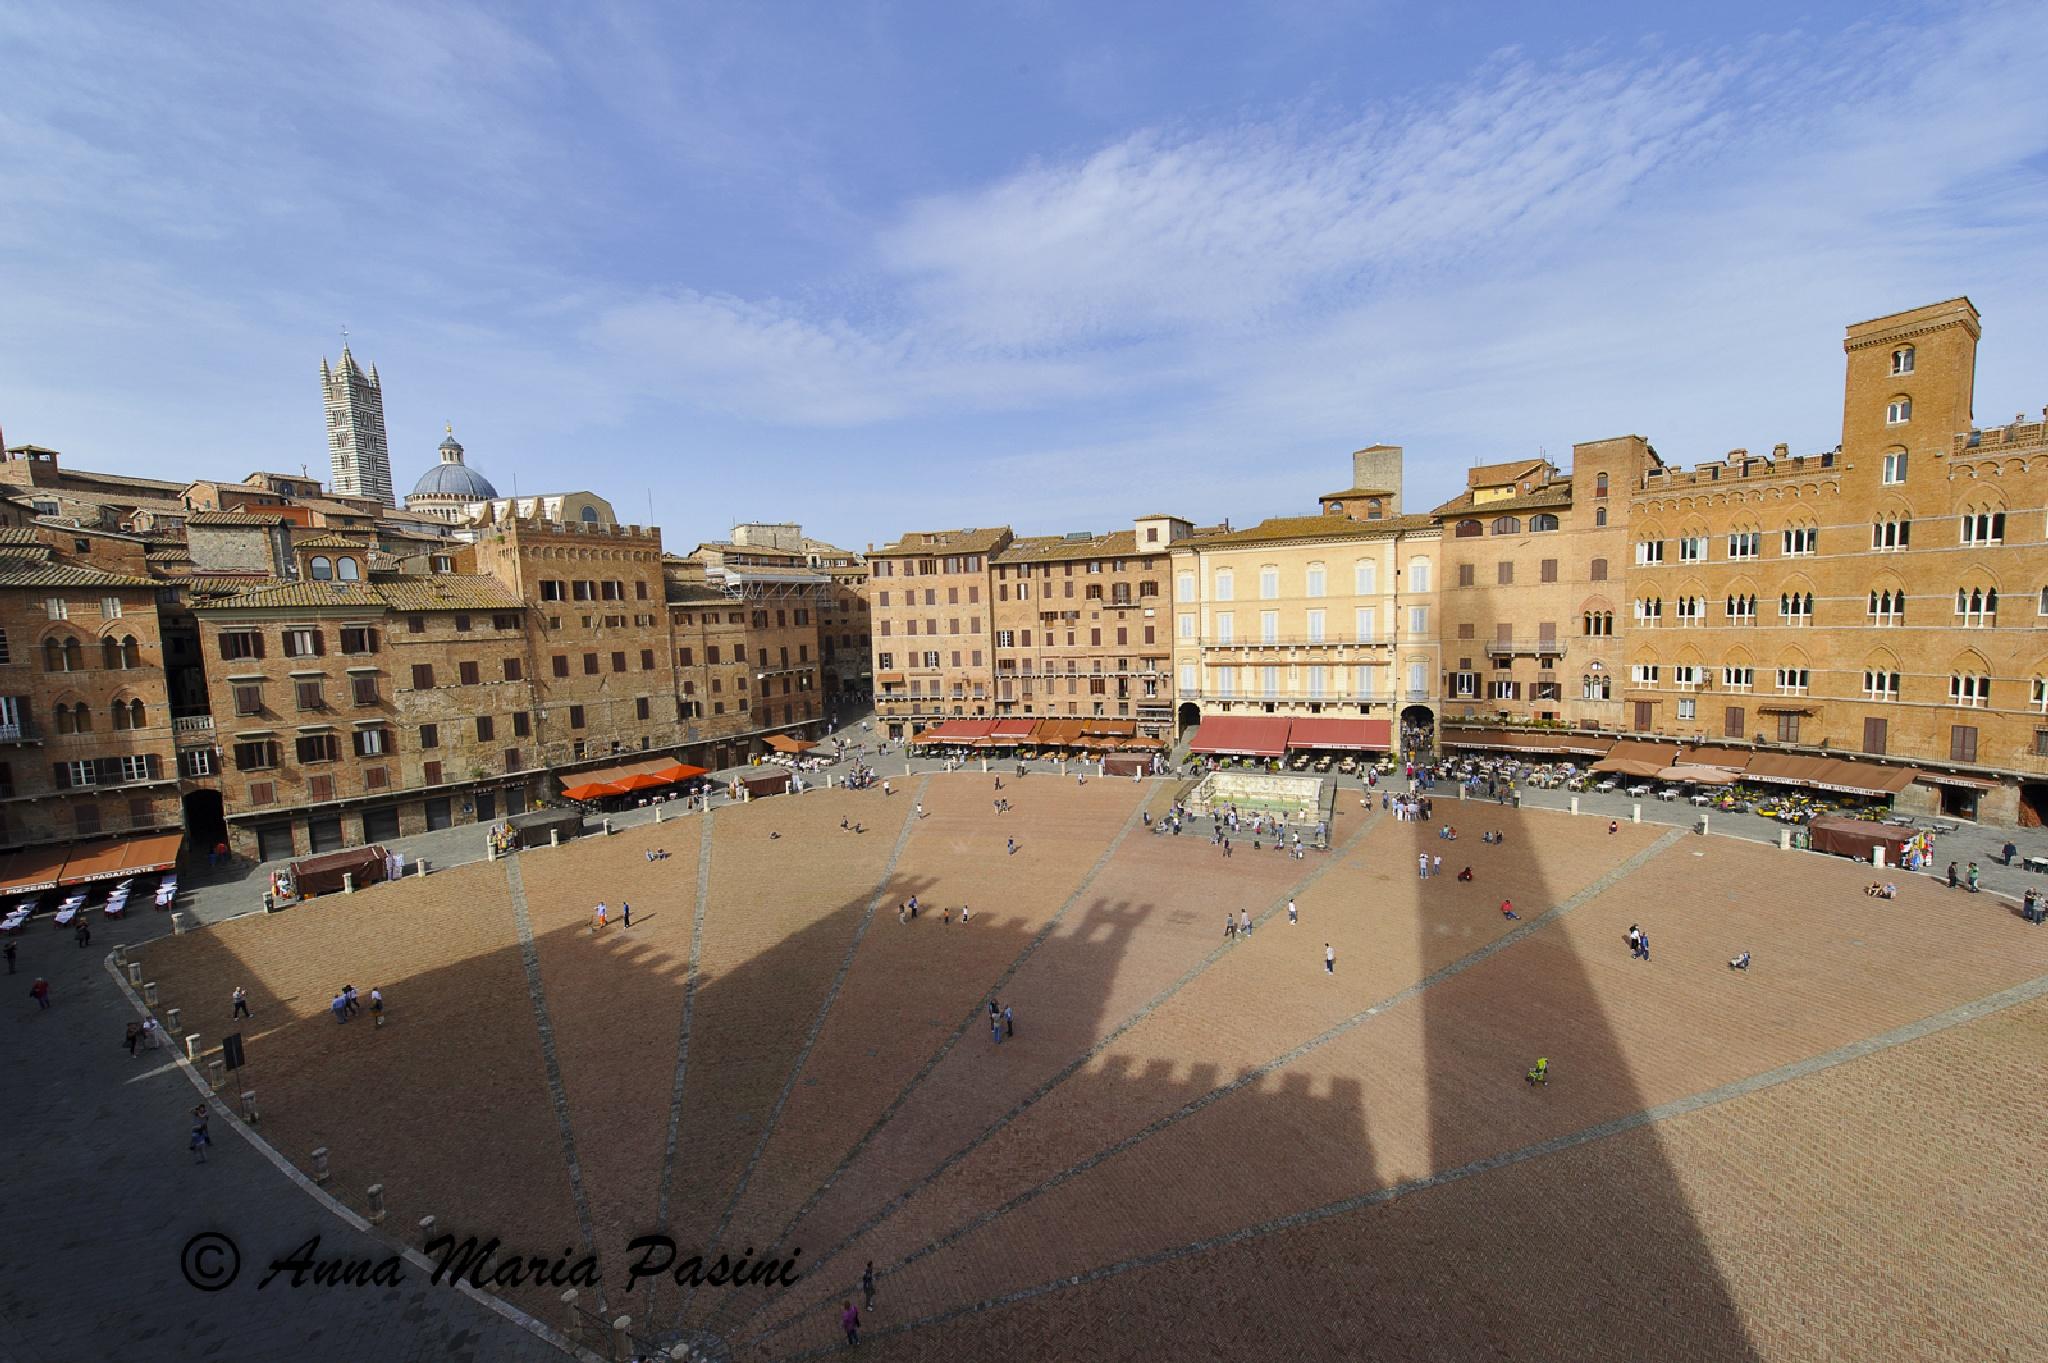 Siena, Piazza del Campo by annamariapasini